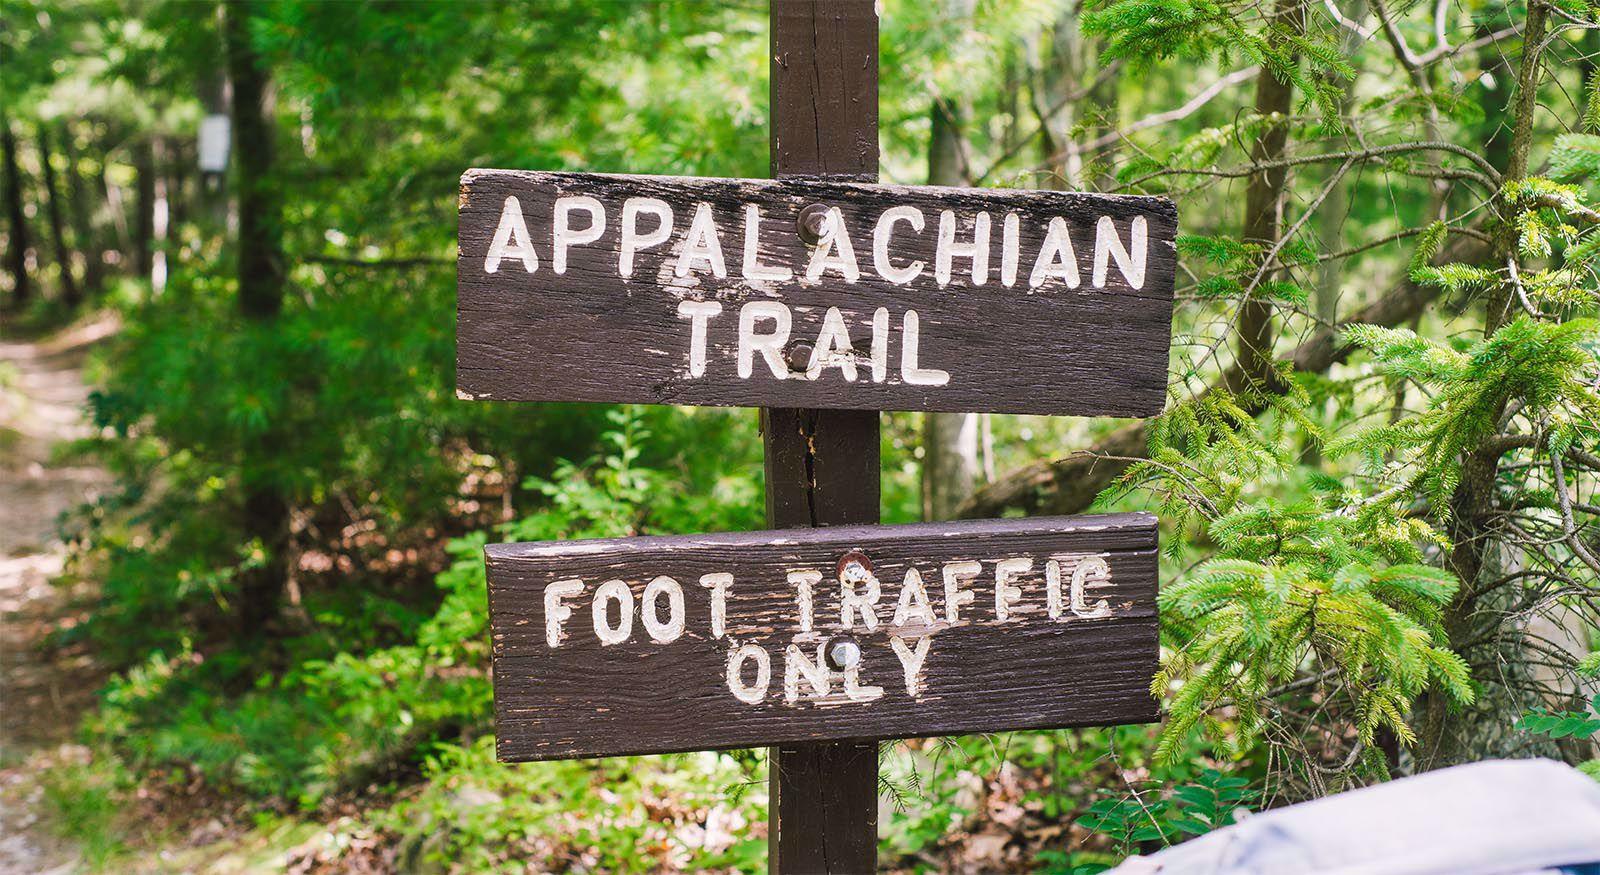 Happy Birthday Appalachian Trail!